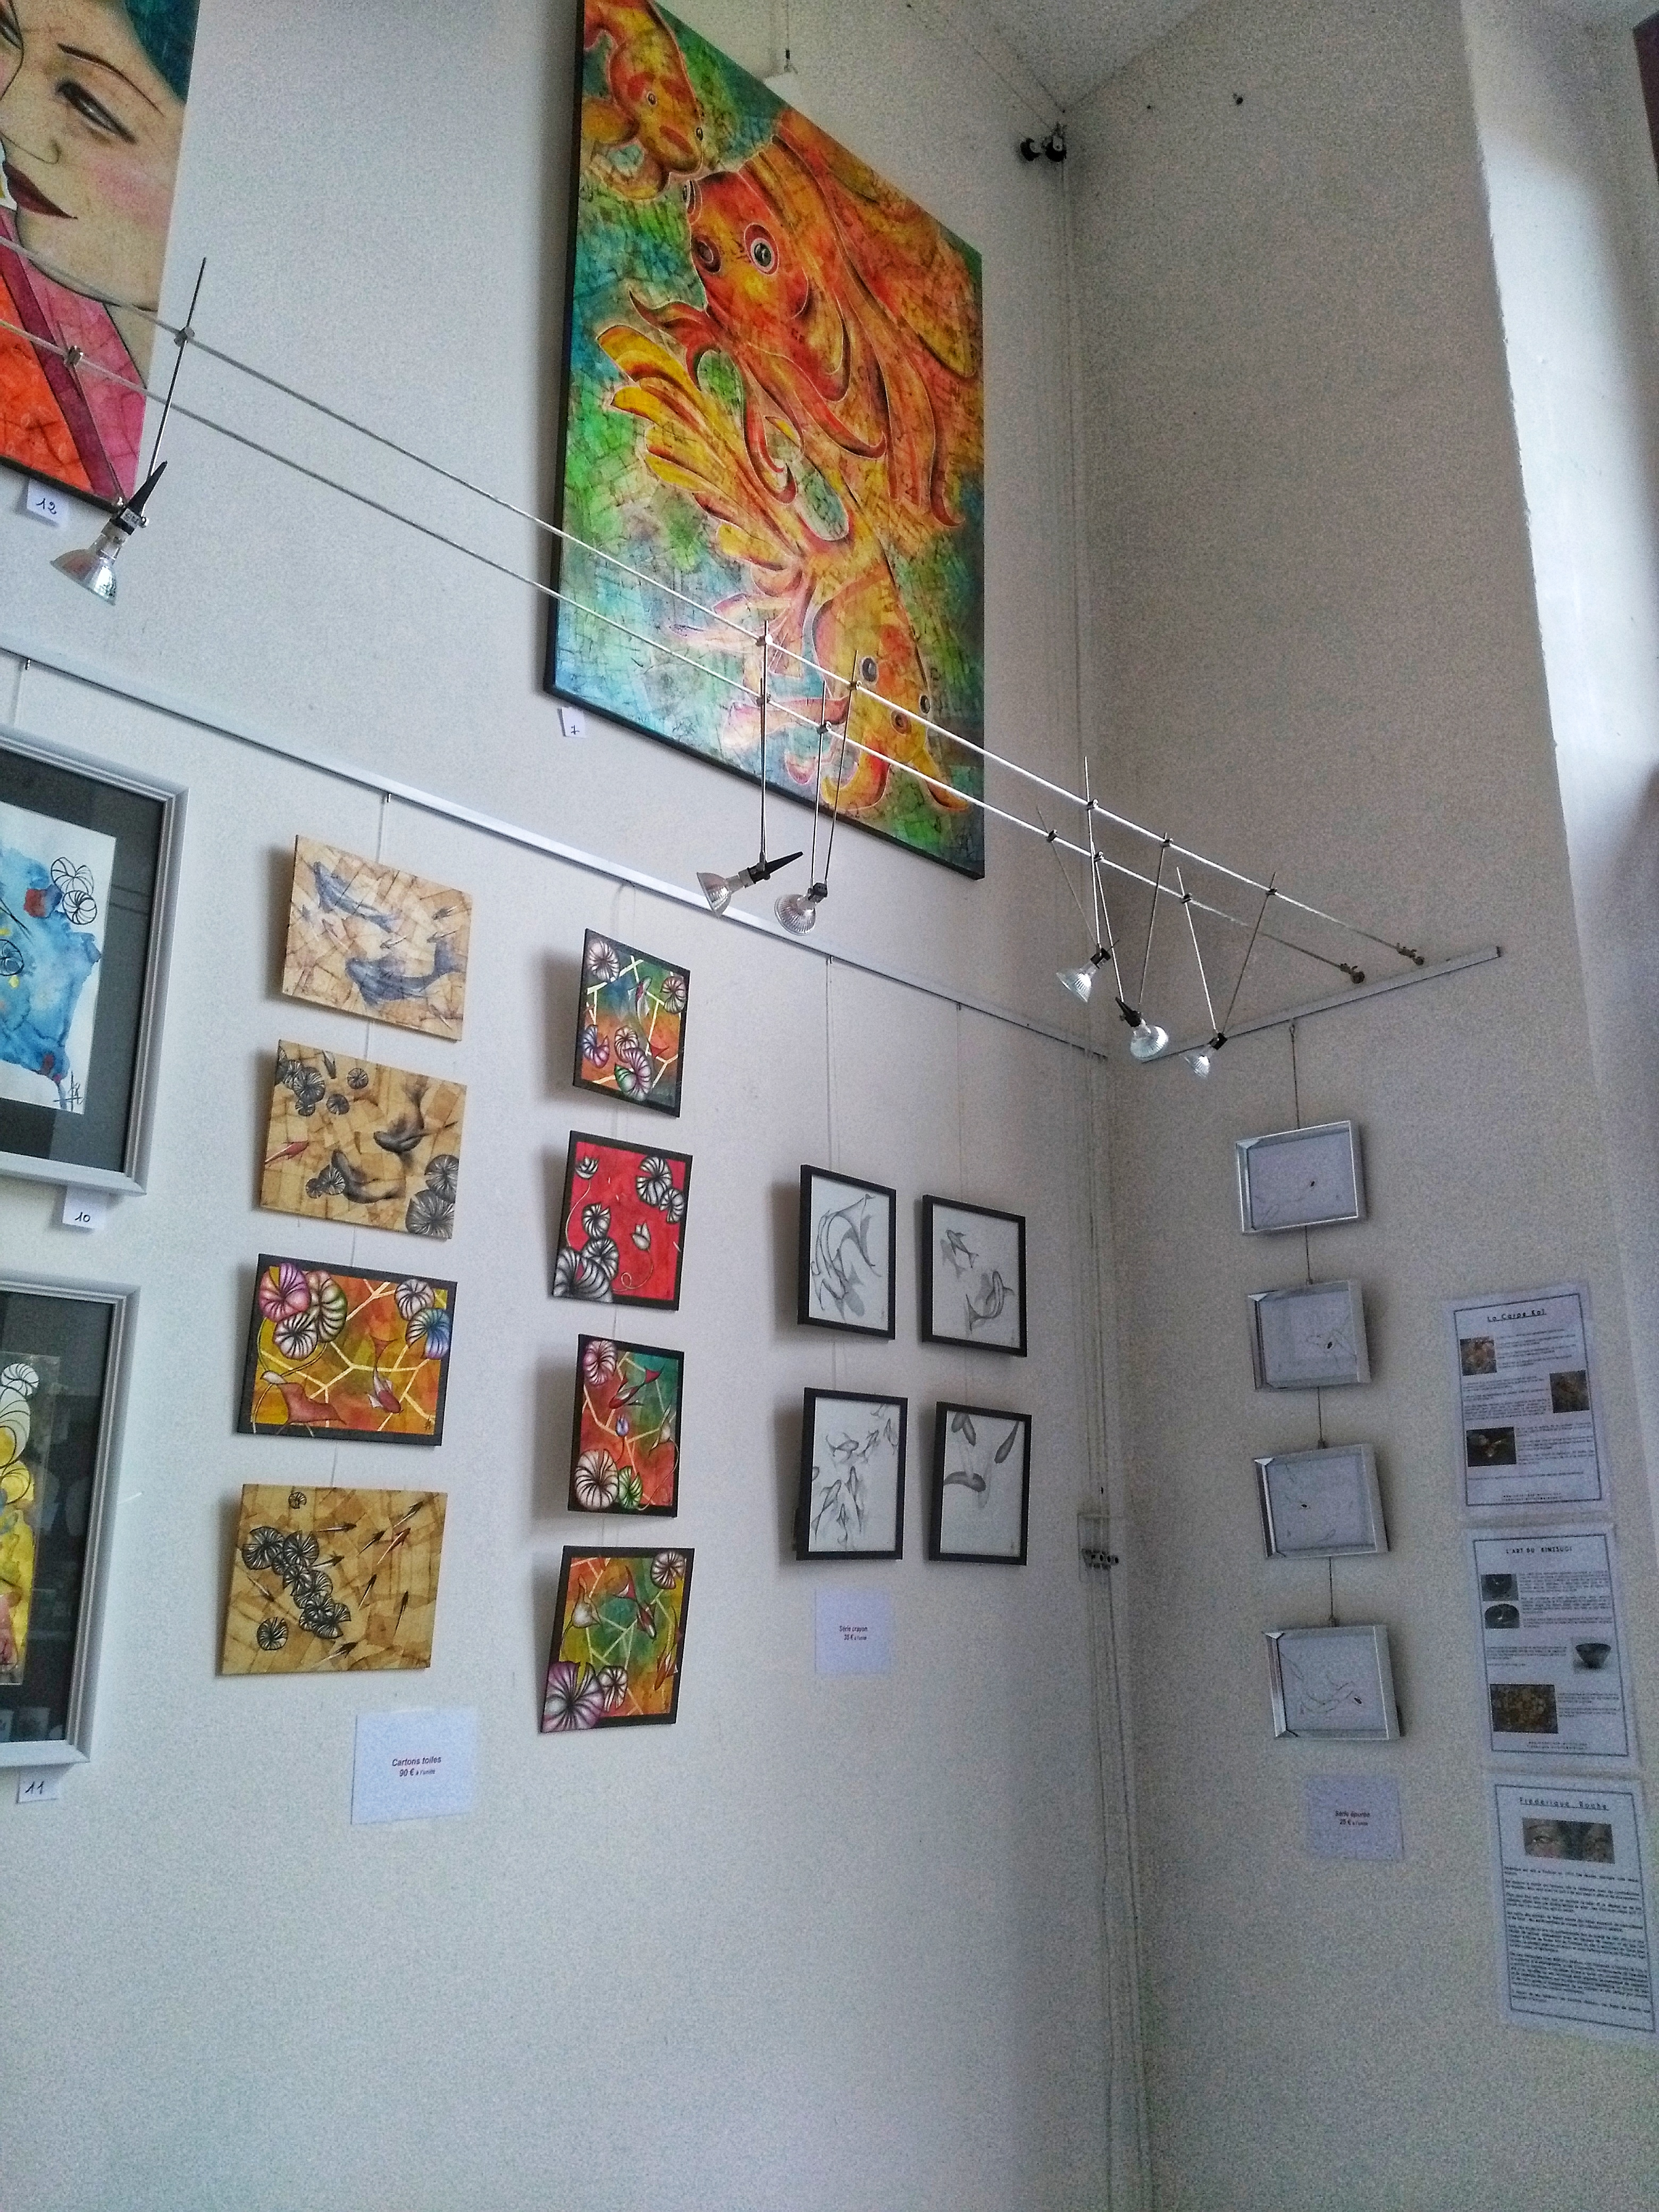 Frédérique Roche, expositions, tableaux, galerie d'art, vernissage